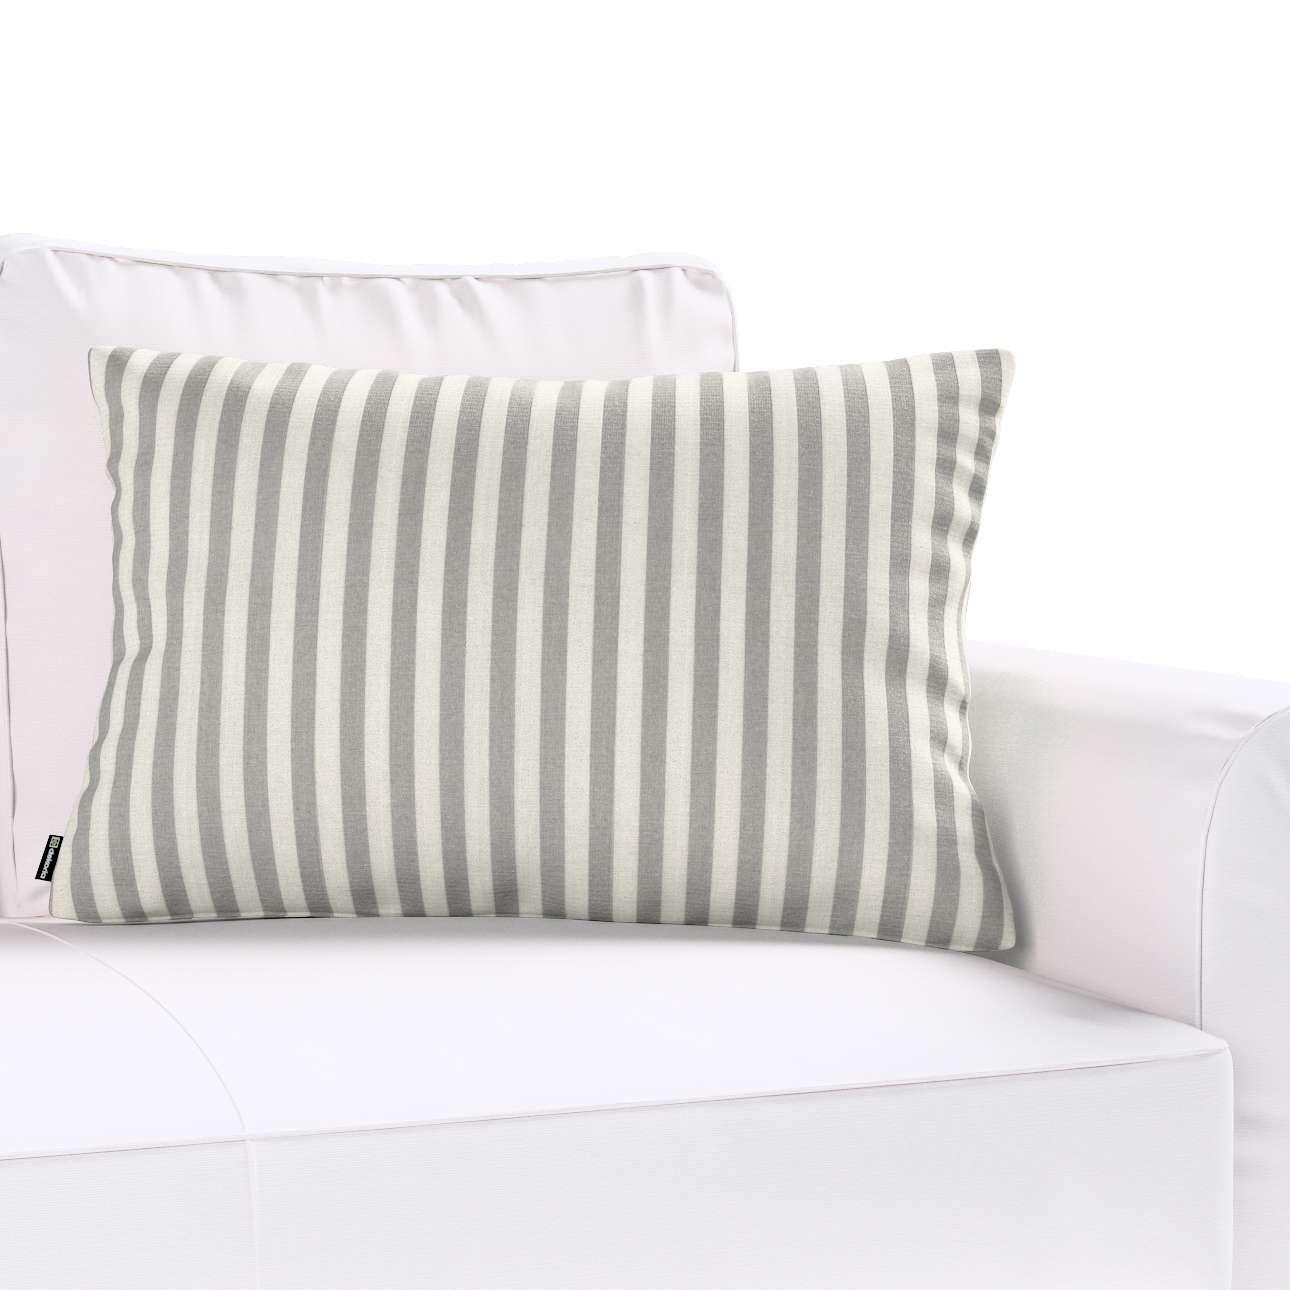 Poszewka Kinga na poduszkę prostokątną w kolekcji Quadro, tkanina: 136-12